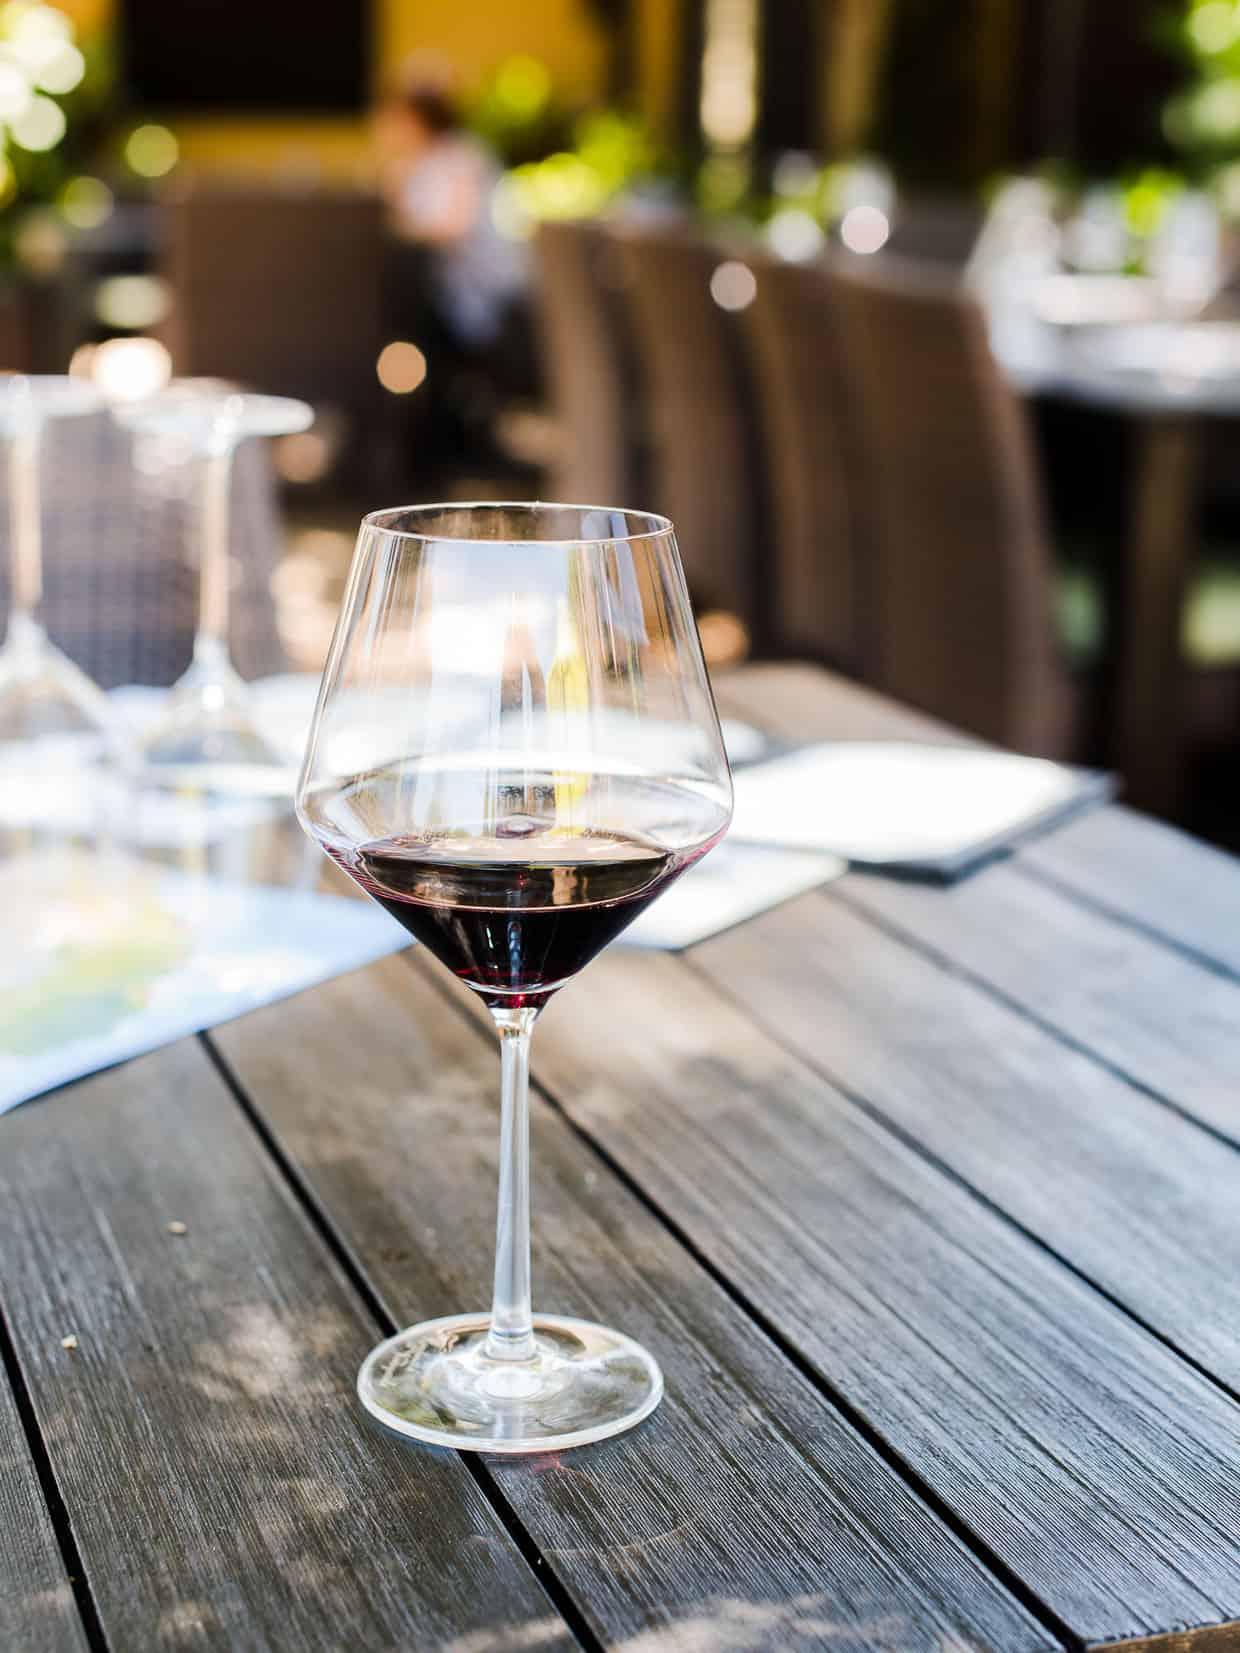 Pinot noir at Landmark Vineyards.